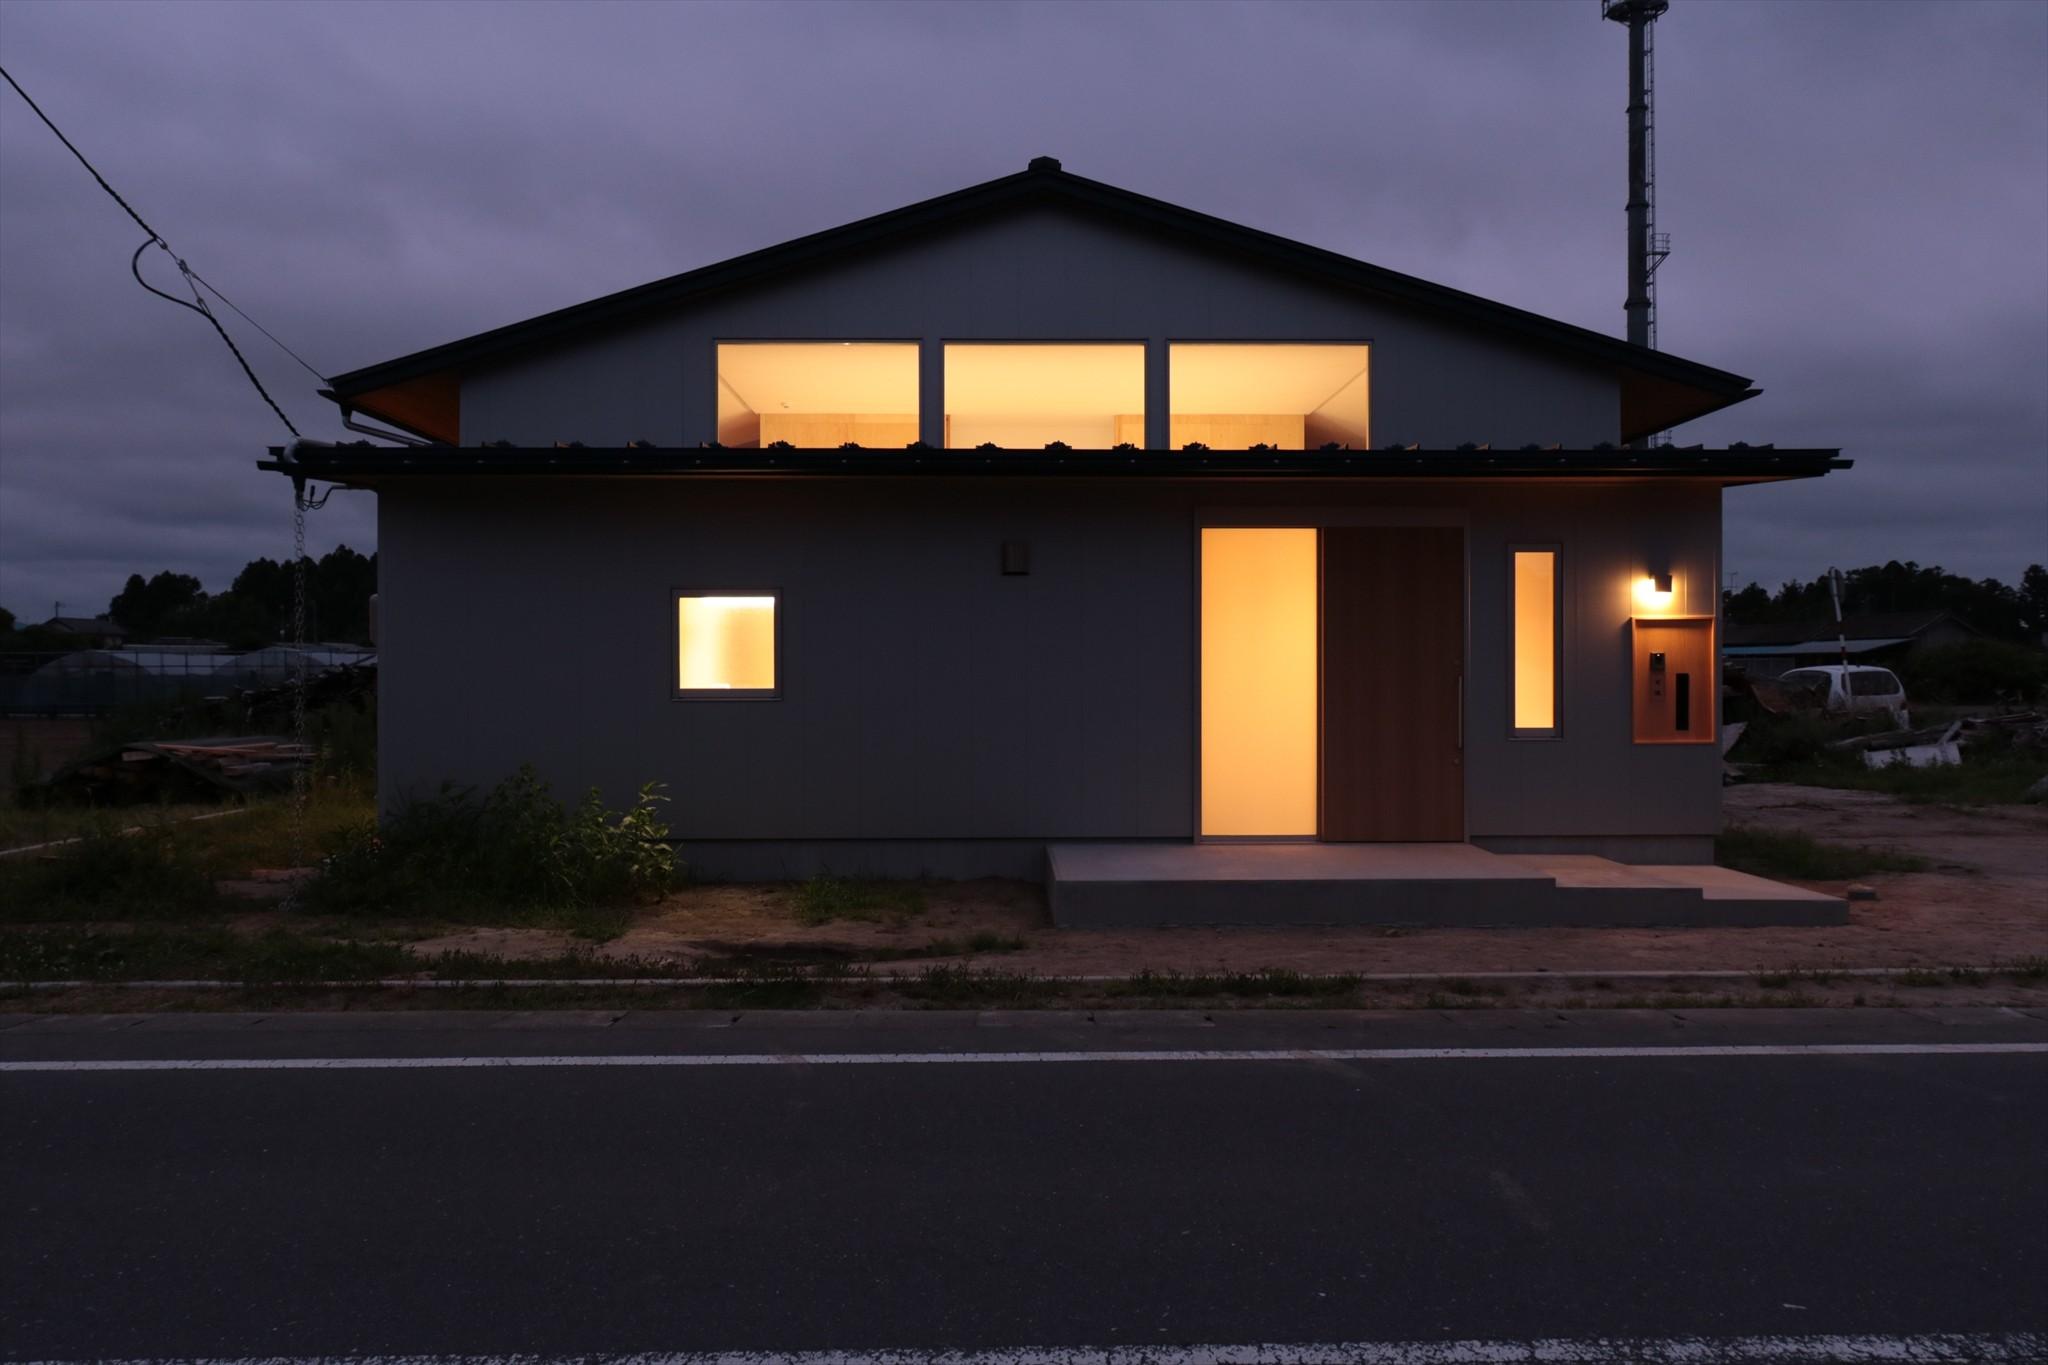 外観事例:休耕地の家|東側外観夜景(休耕地に建つ女性のための住宅)